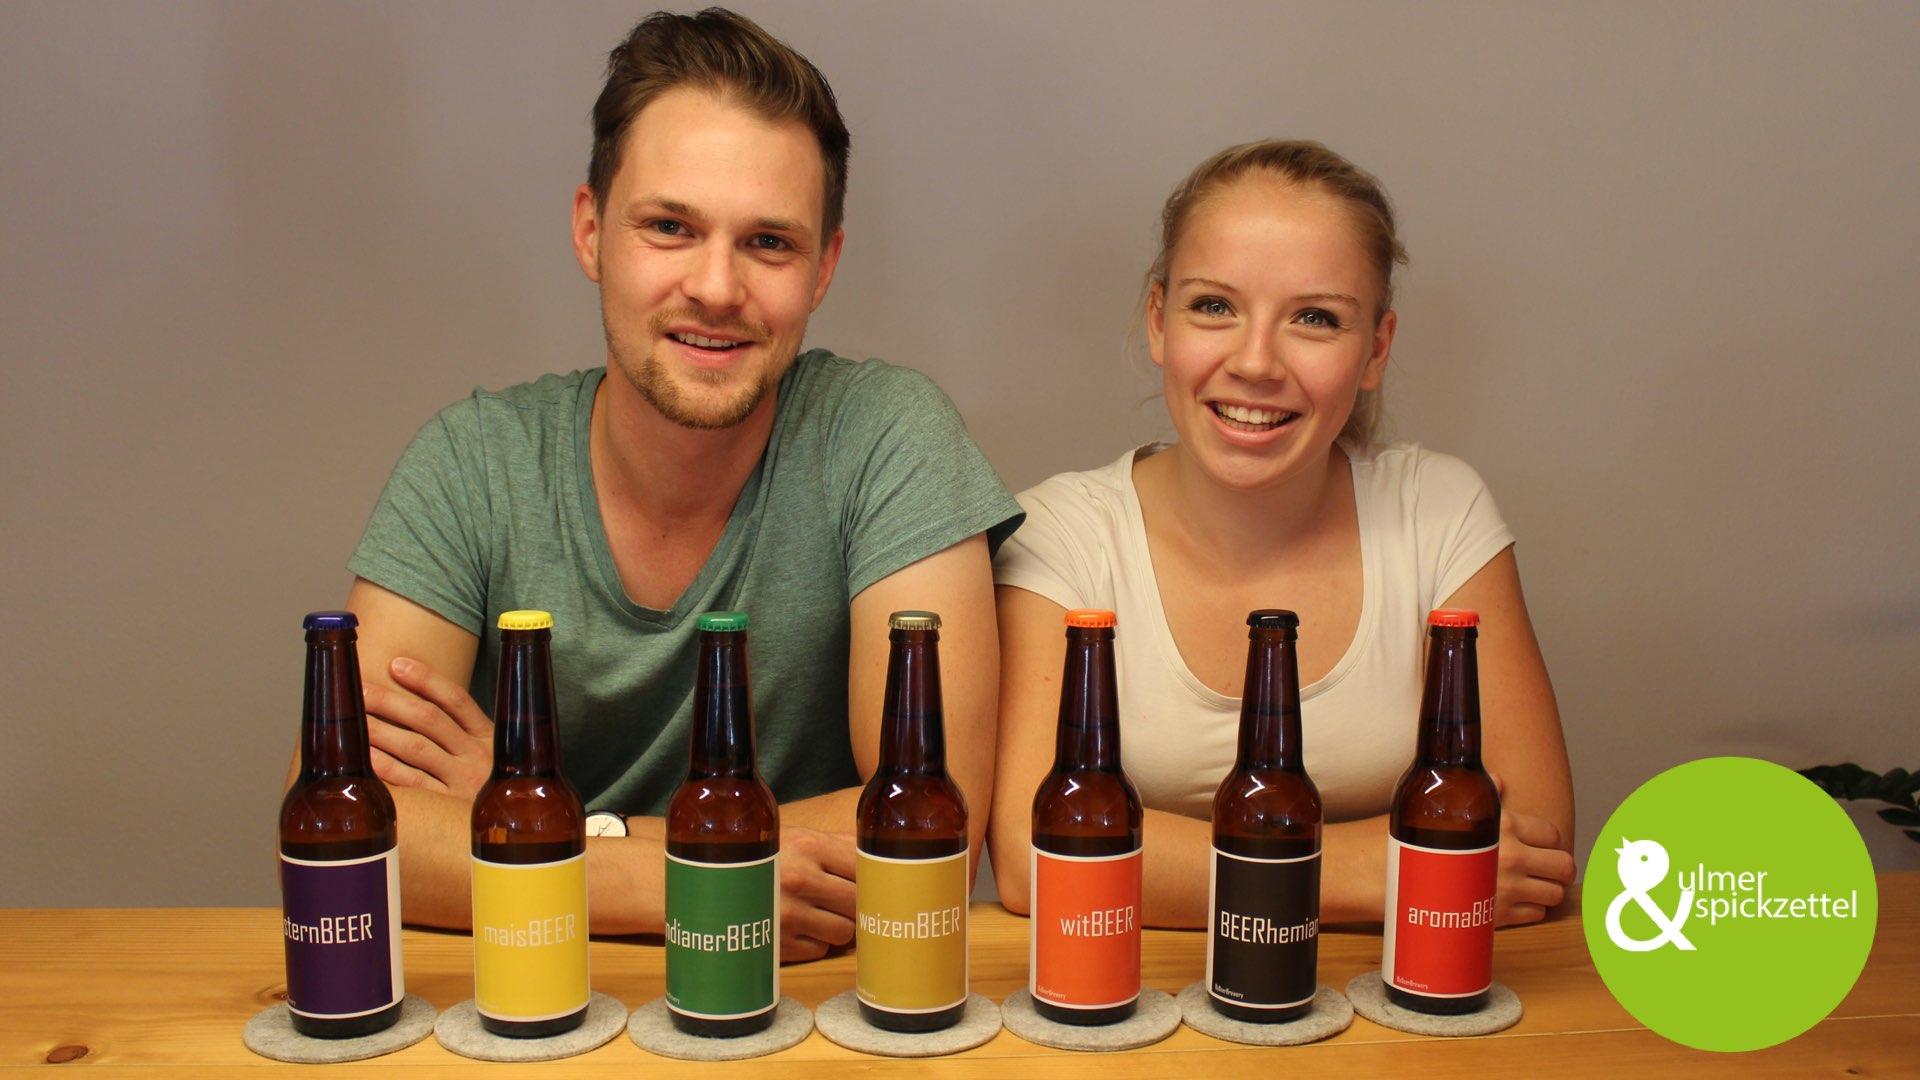 Herr Beer macht Bier |Kein Witz!